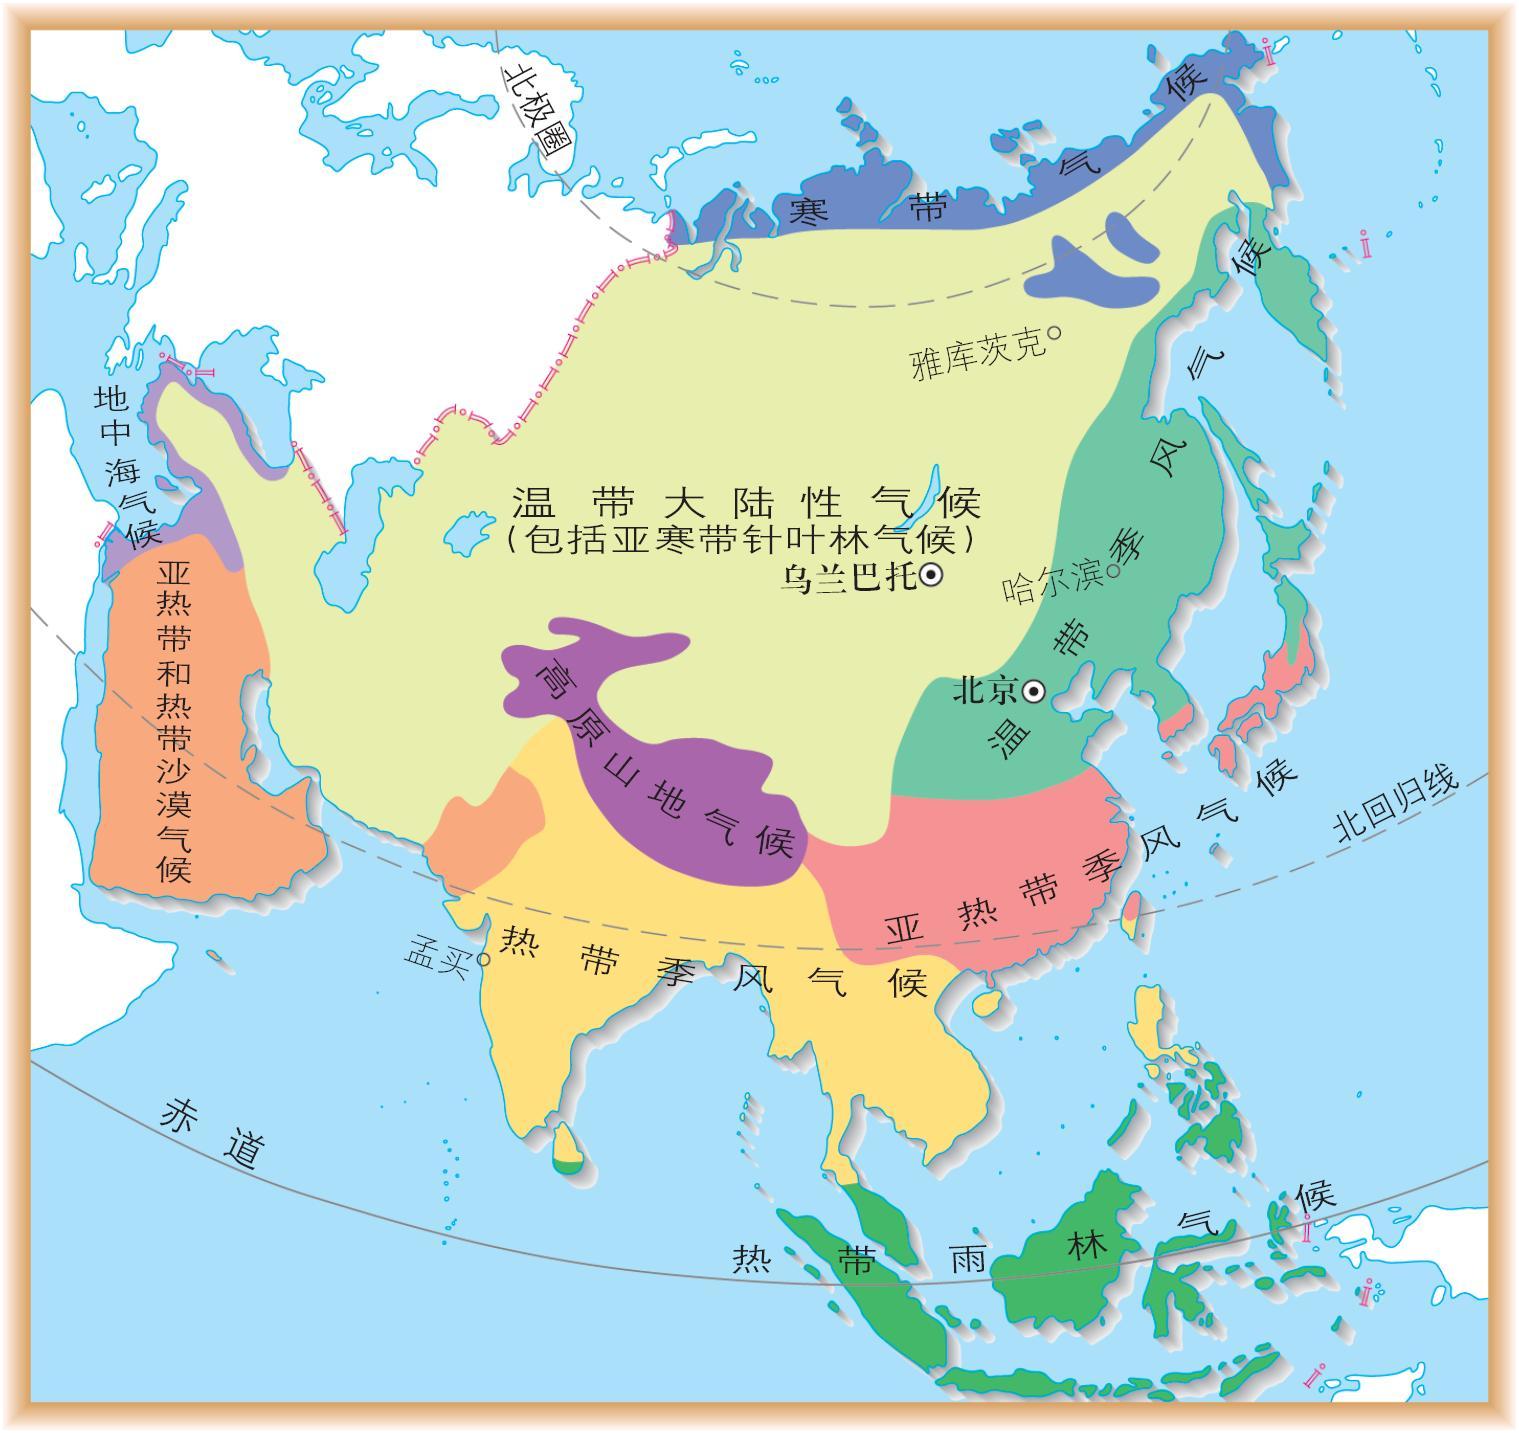 亚洲候类型分布�_请大家说明一下亚洲的各种气候类型和各气候类型的特点以及分布的国家